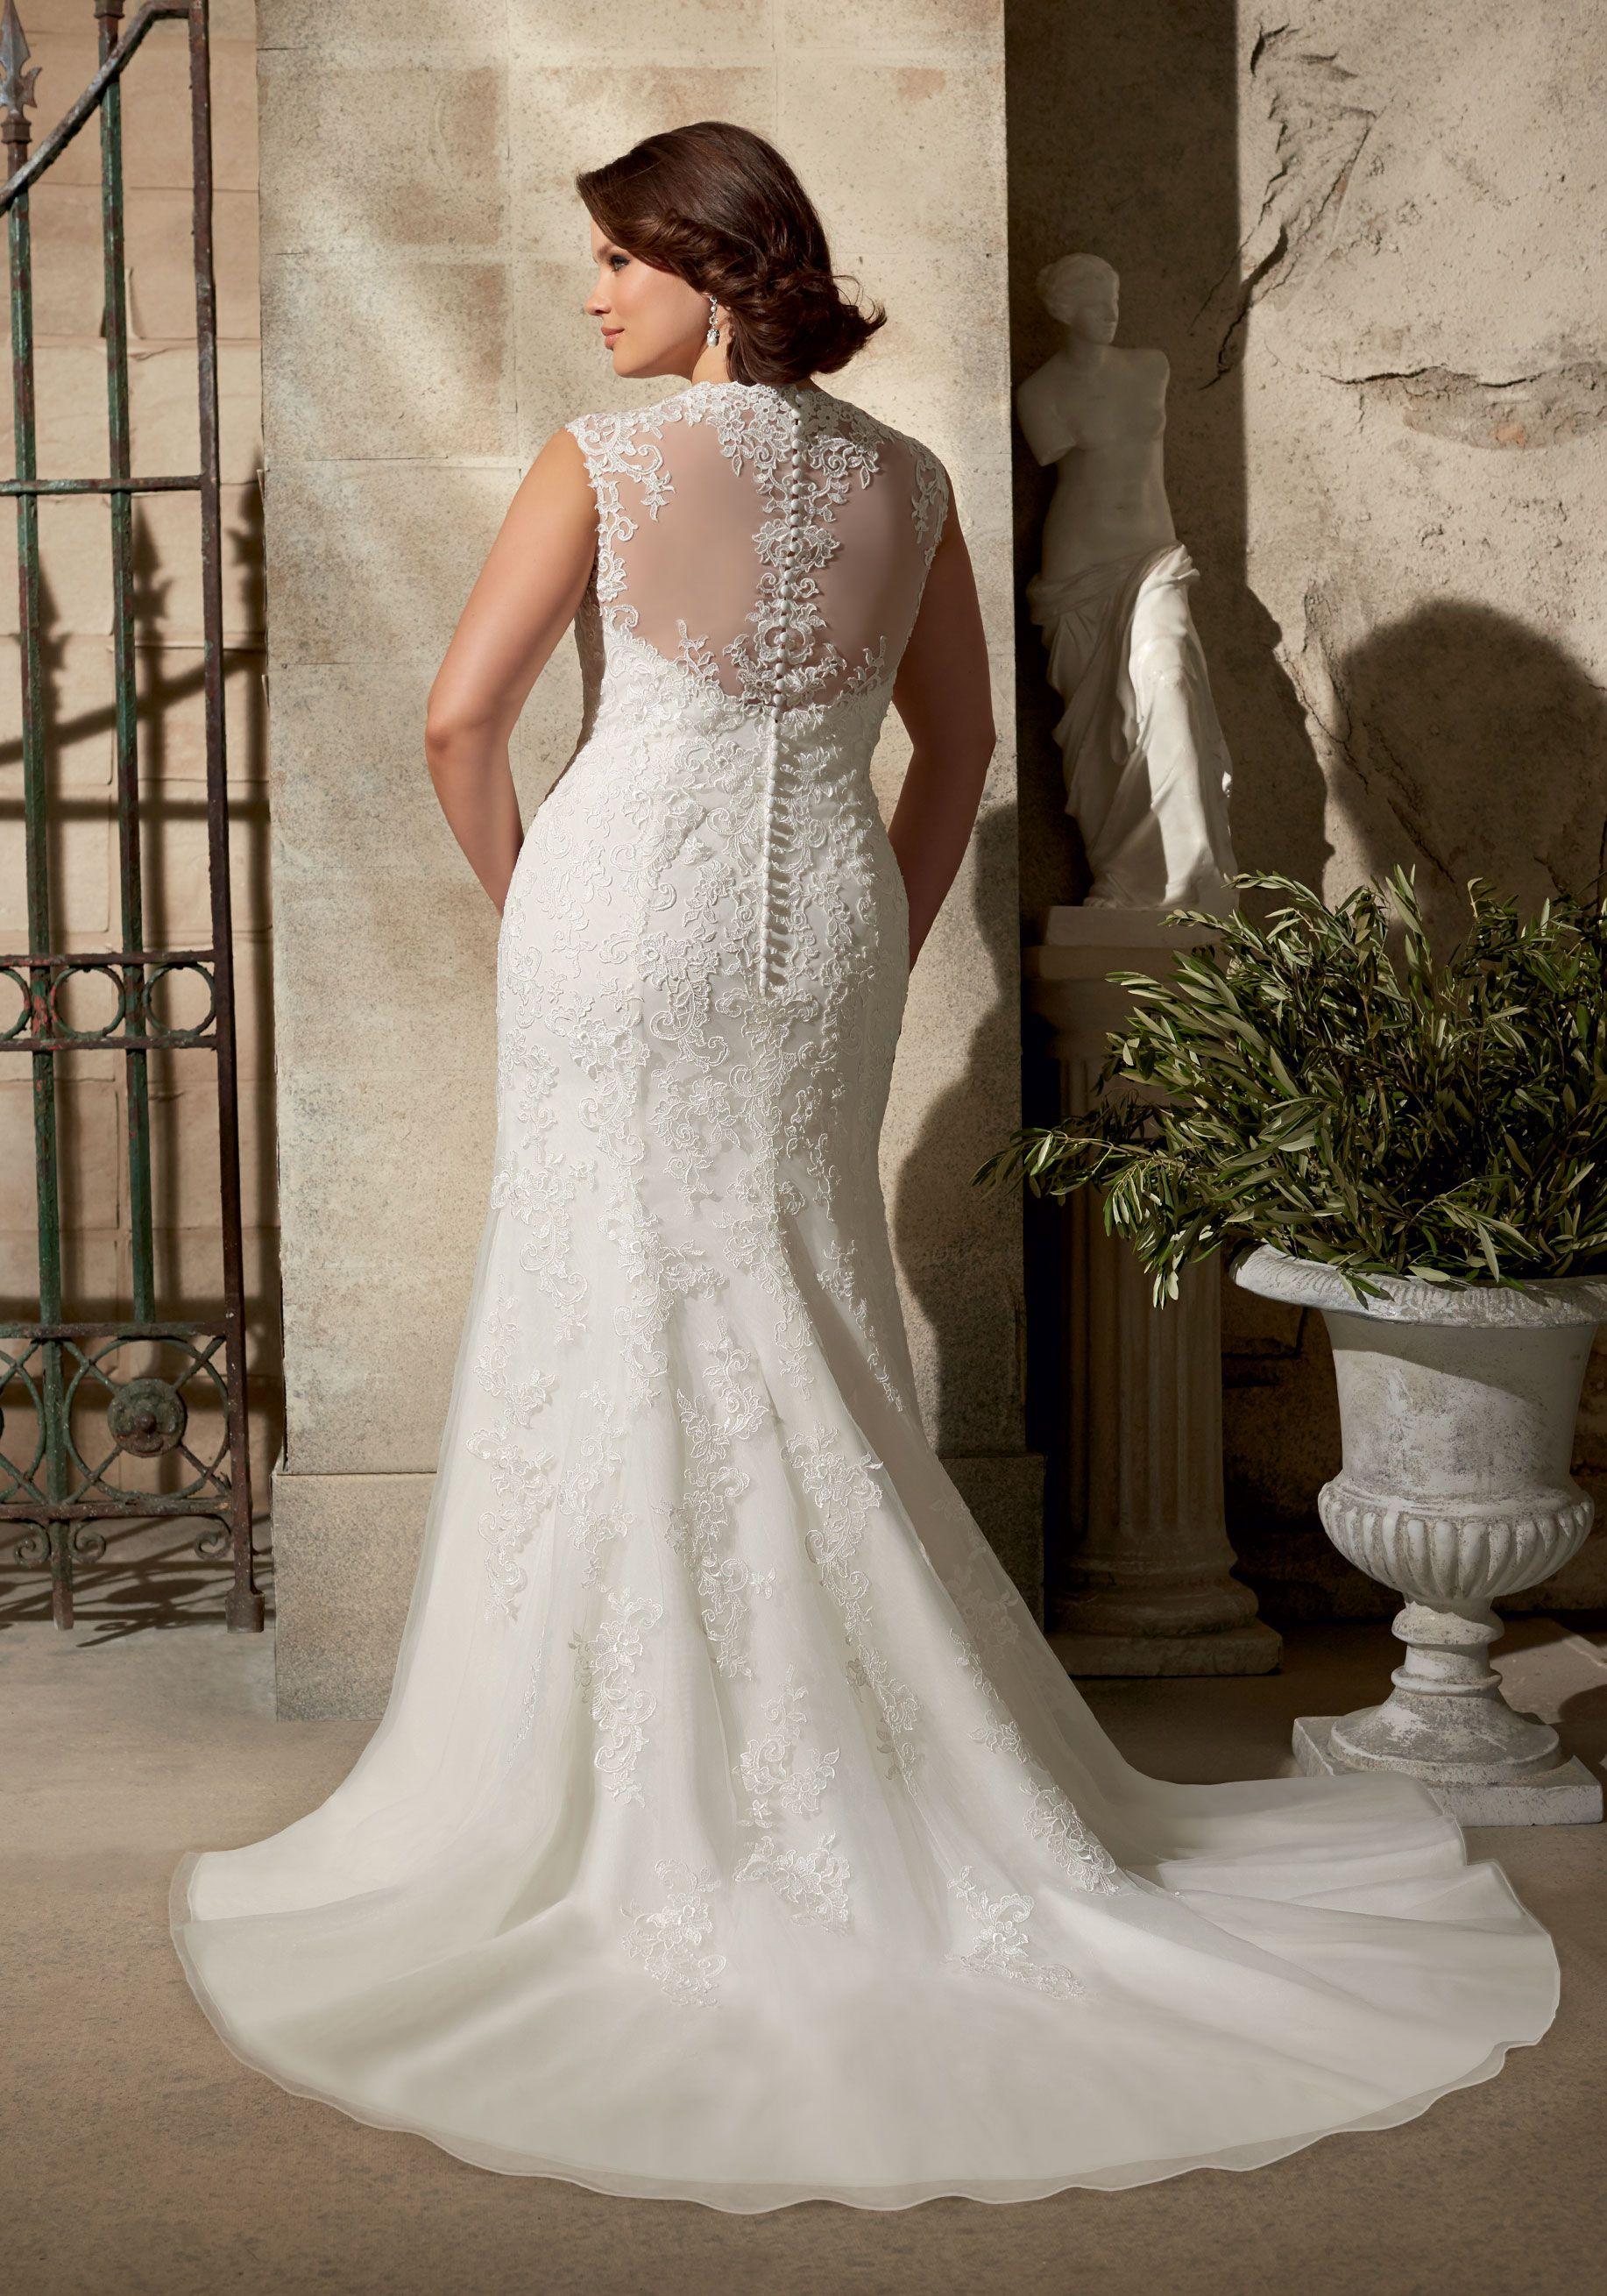 Plus size white wedding dresses  Venice Lace Appliques on Soft Net Plus Size Wedding Dress Colors